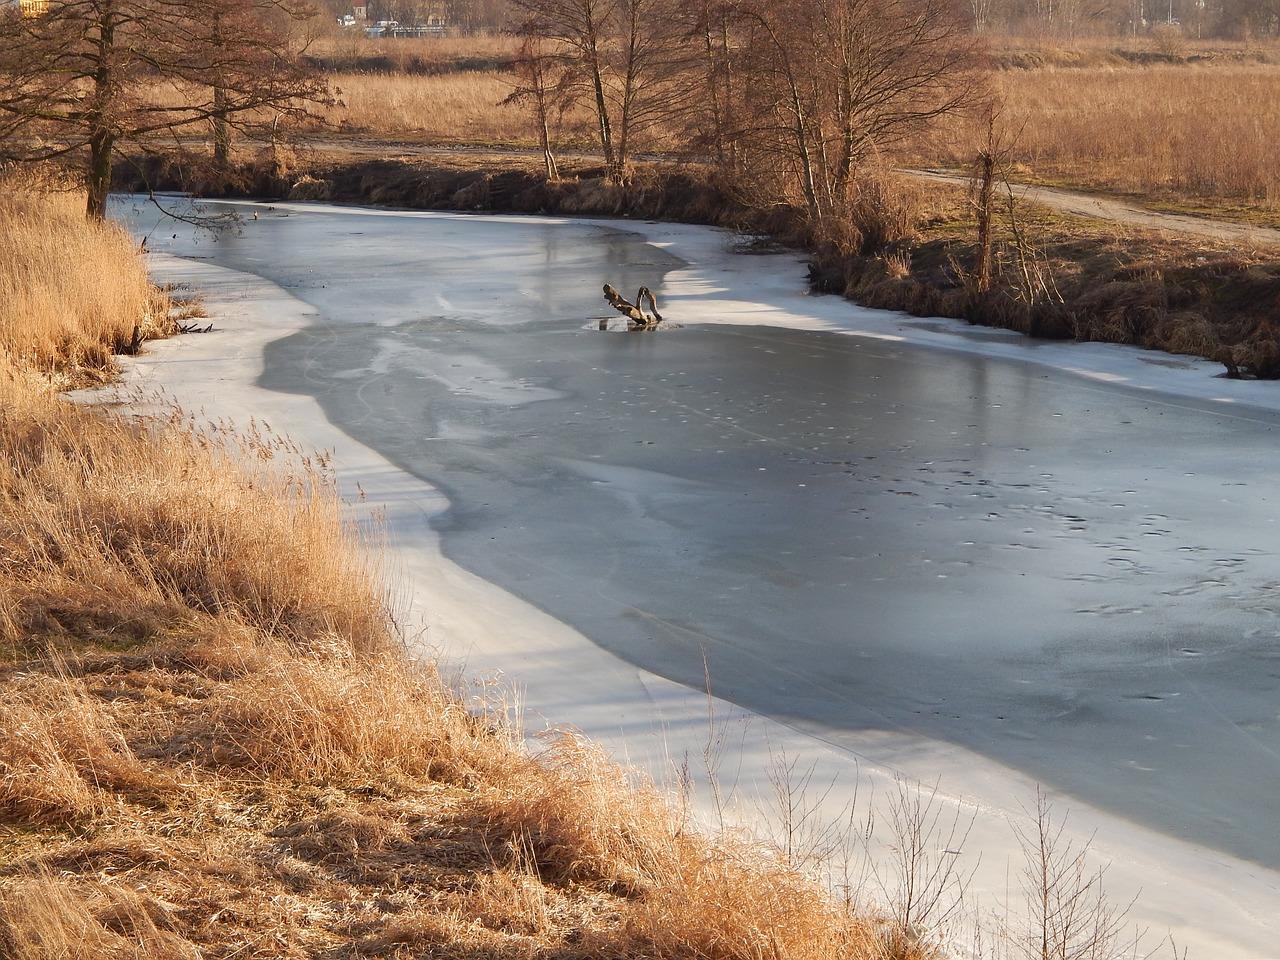 Трехлетний мальчик провалился под лед и утонул в реке Кручина в Забайкалье